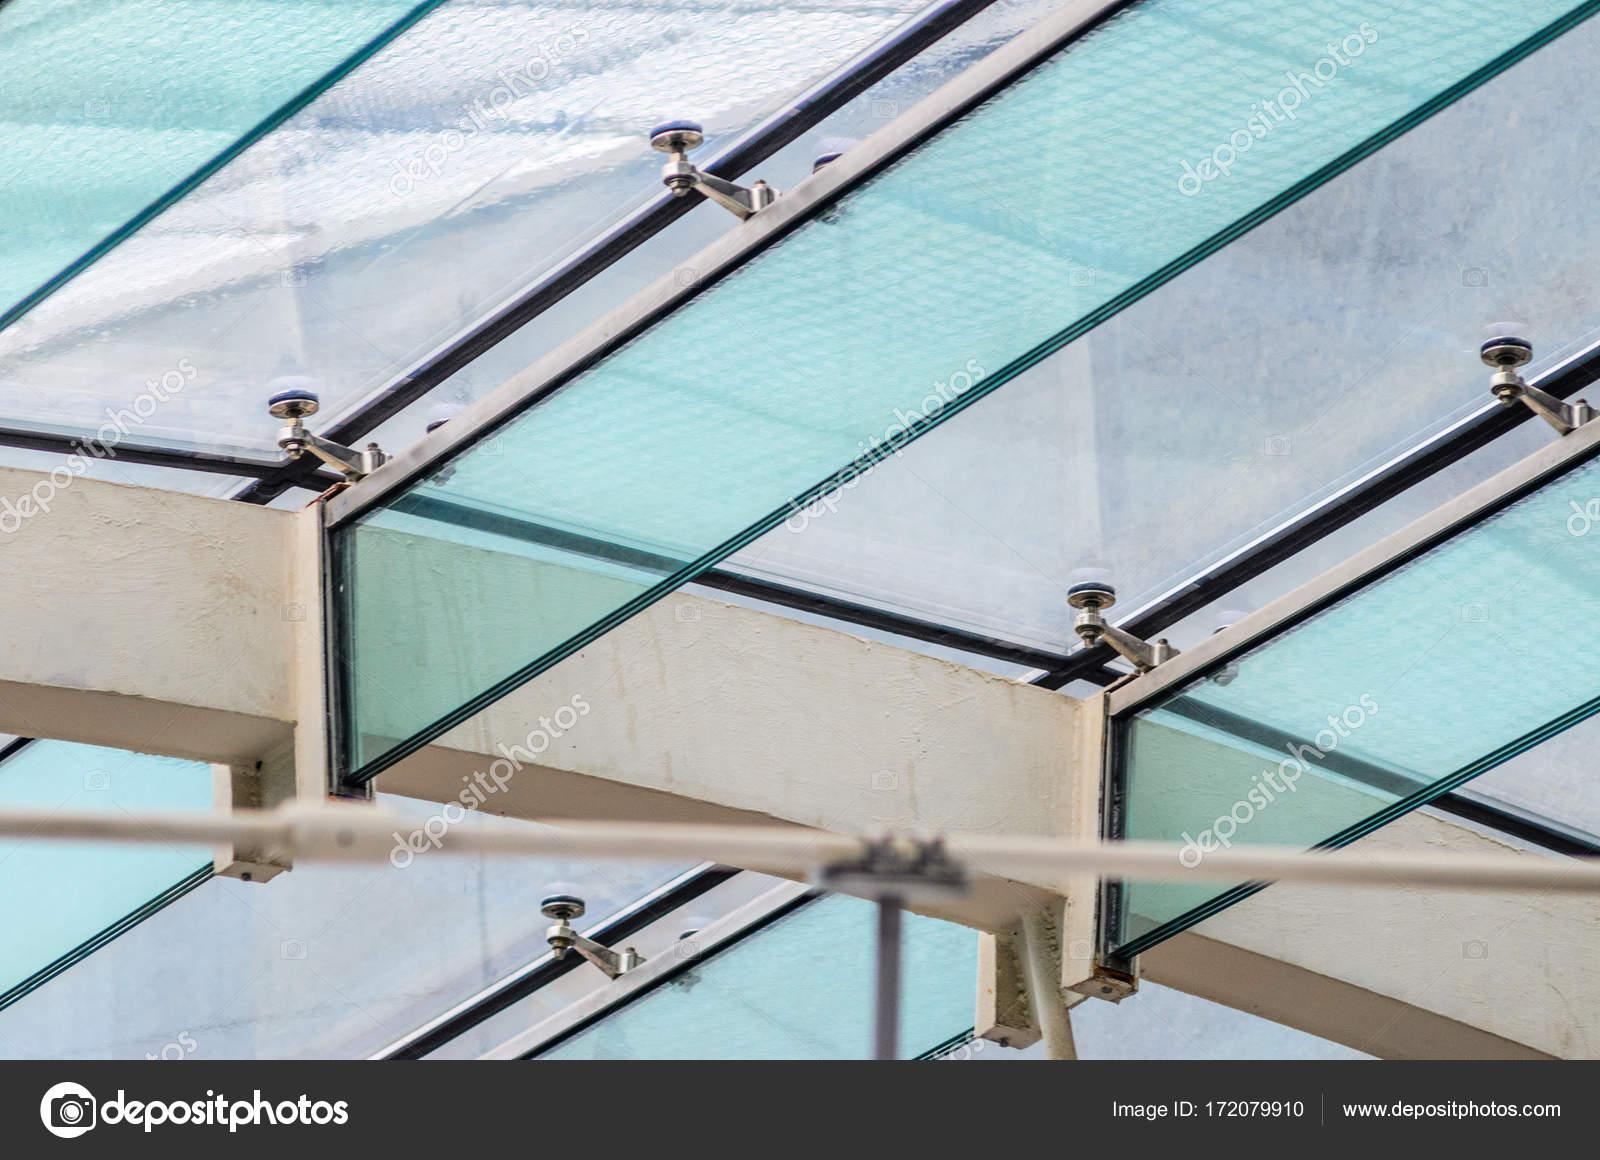 Glas Befestigung die befestigung des glasdachs die glas balken stockfoto v sot